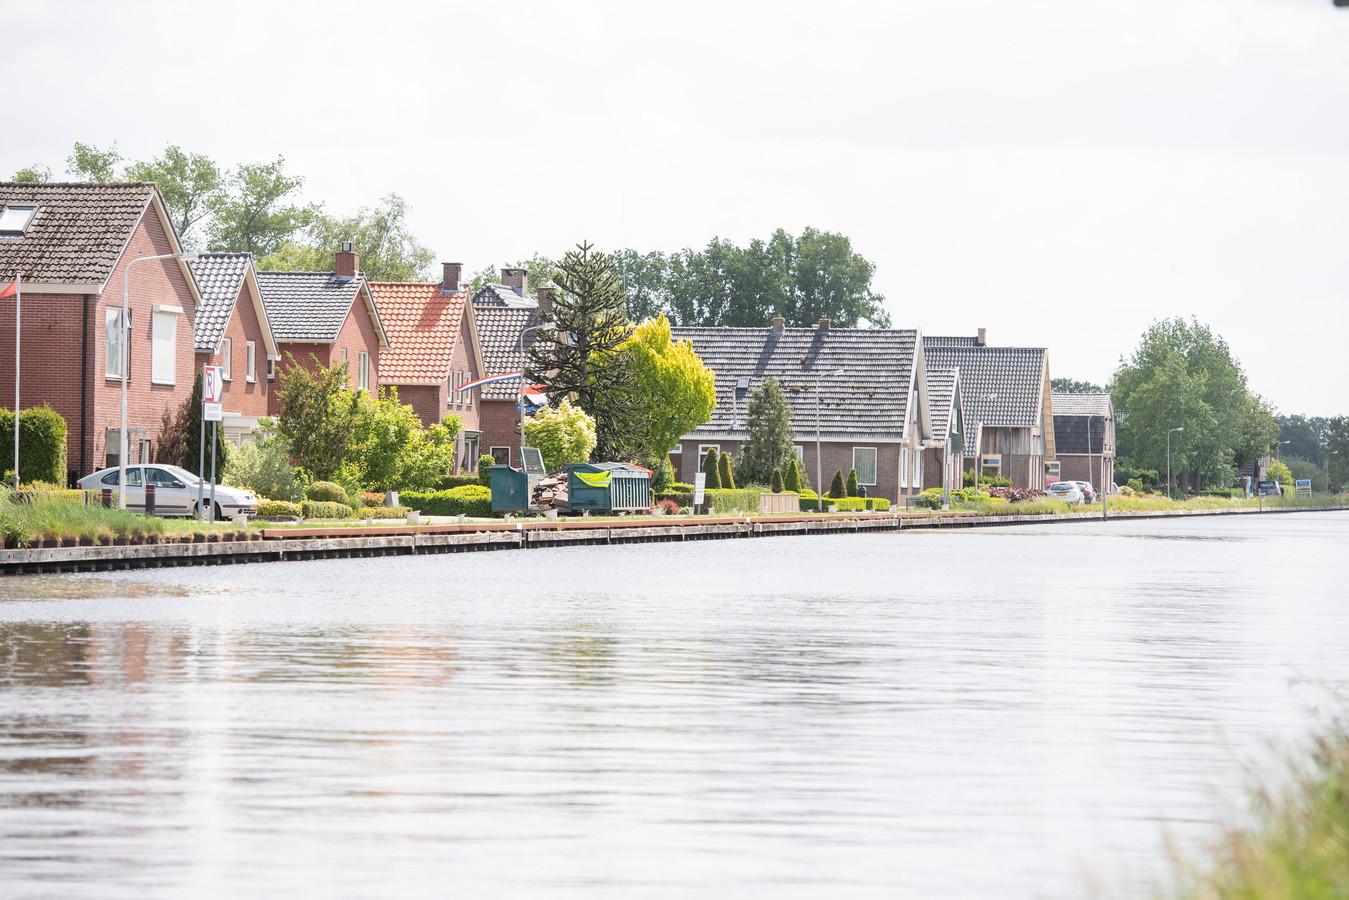 De spanningen lopen hoog op langs het kanaal. Middels een stapel handhavingsverzoeken proberen bewoners de gemeente nu te dwingen dat de provincie ingrijpt.